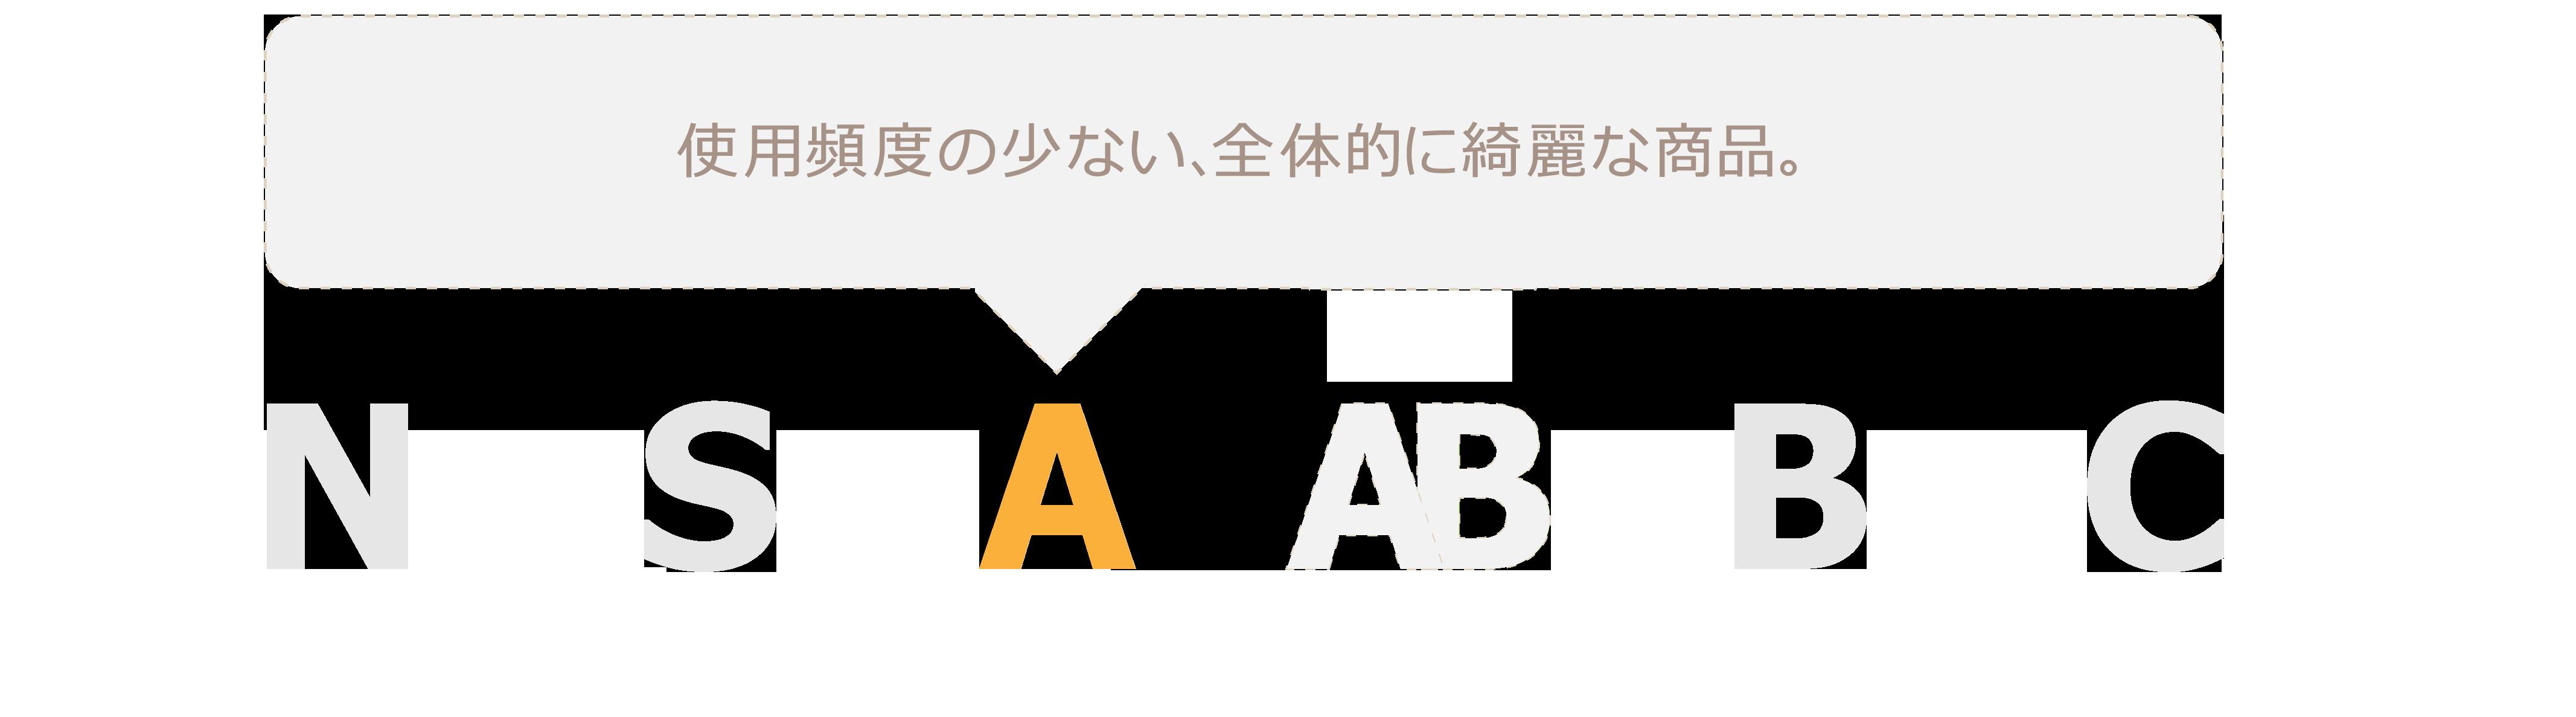 状態ランク(A):説明文